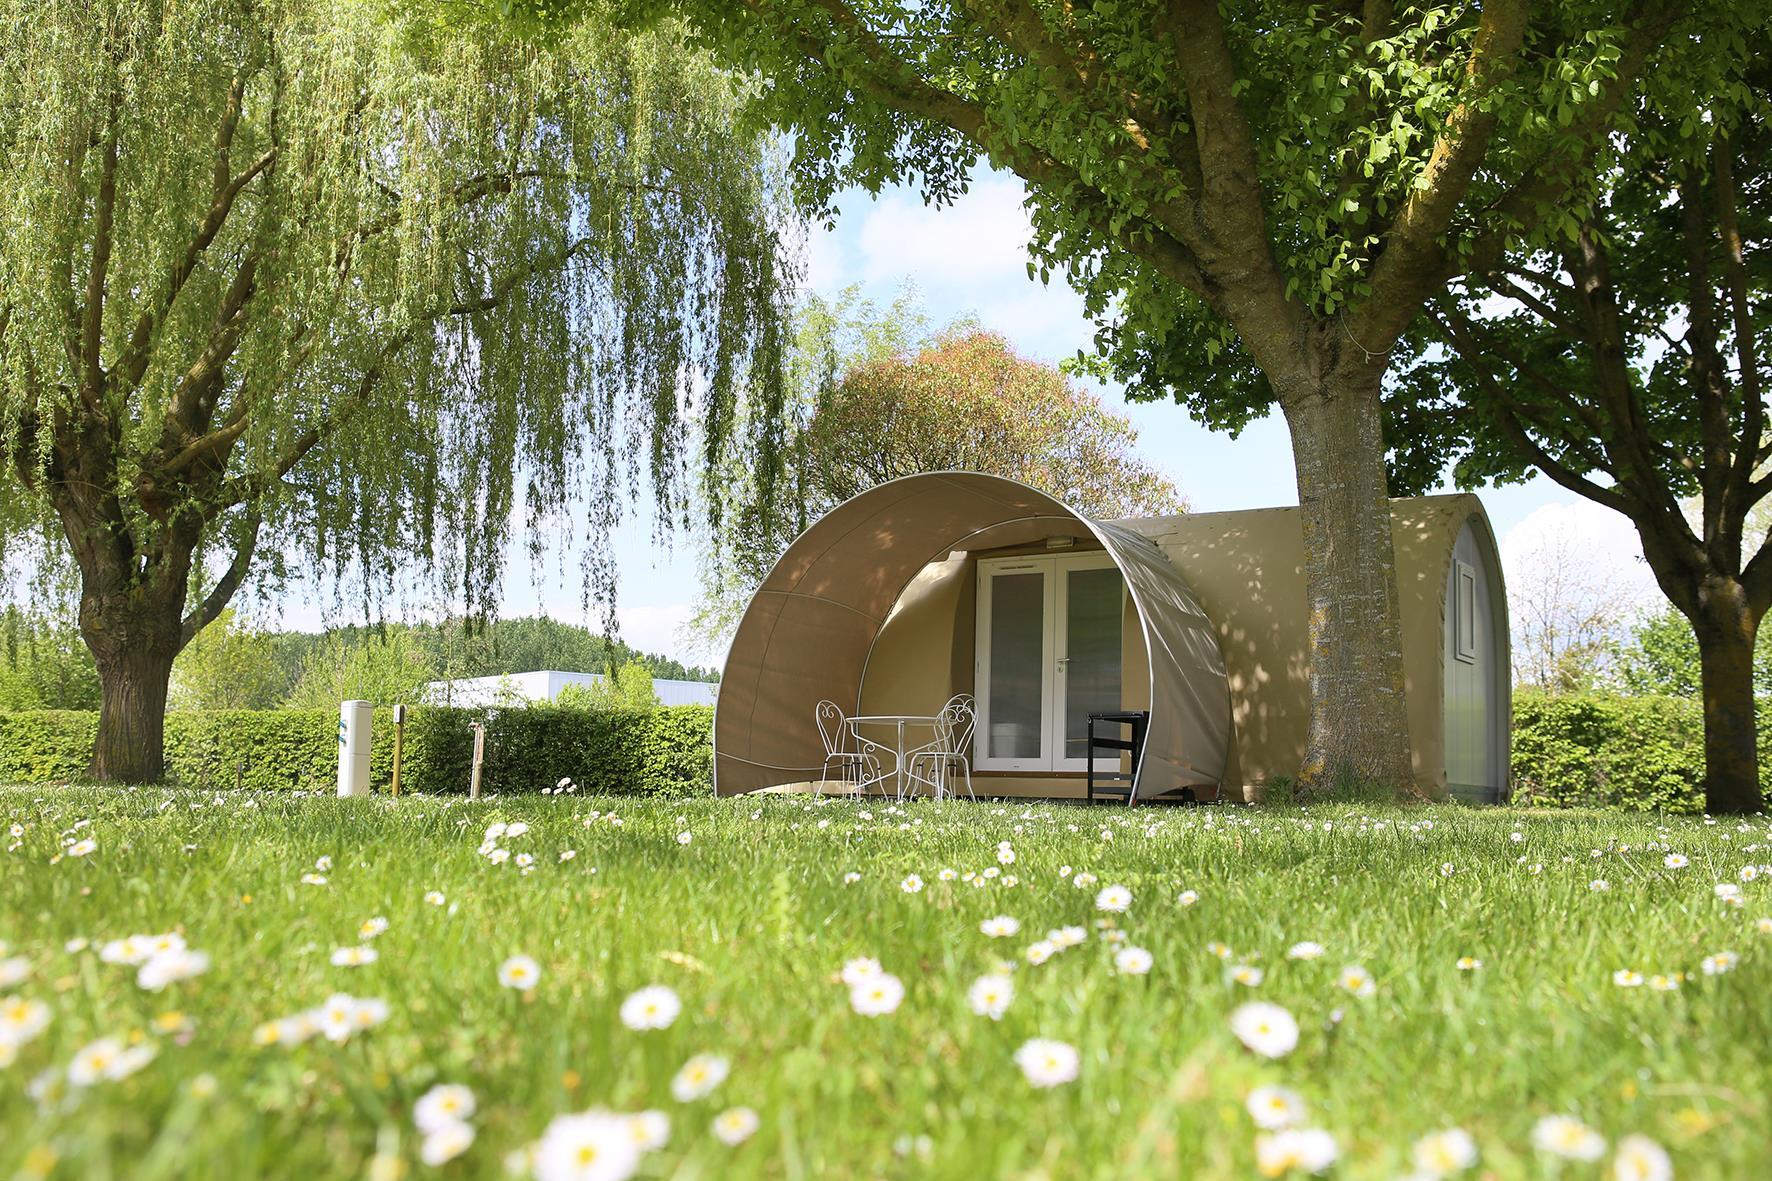 Camping Municipal les Rives du Douet, Doue-la-Fontaine, Maine-et-Loire